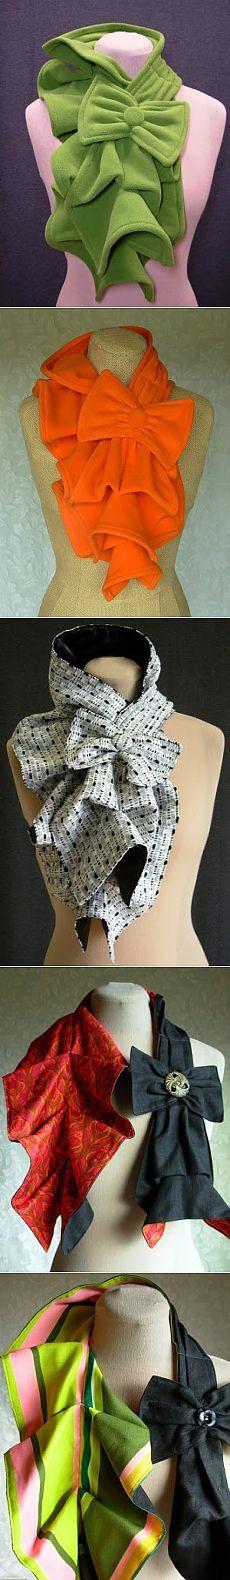 Шьём необычный шарф /Для того чтобы пошить такой шарф-жабо вам необходим отрез ткани 115-120 см длиной и 20 -25 см шириной, плюс отрез 20 на 10 см для бантика, пуговица подходящего размера и цвета,далее описание....